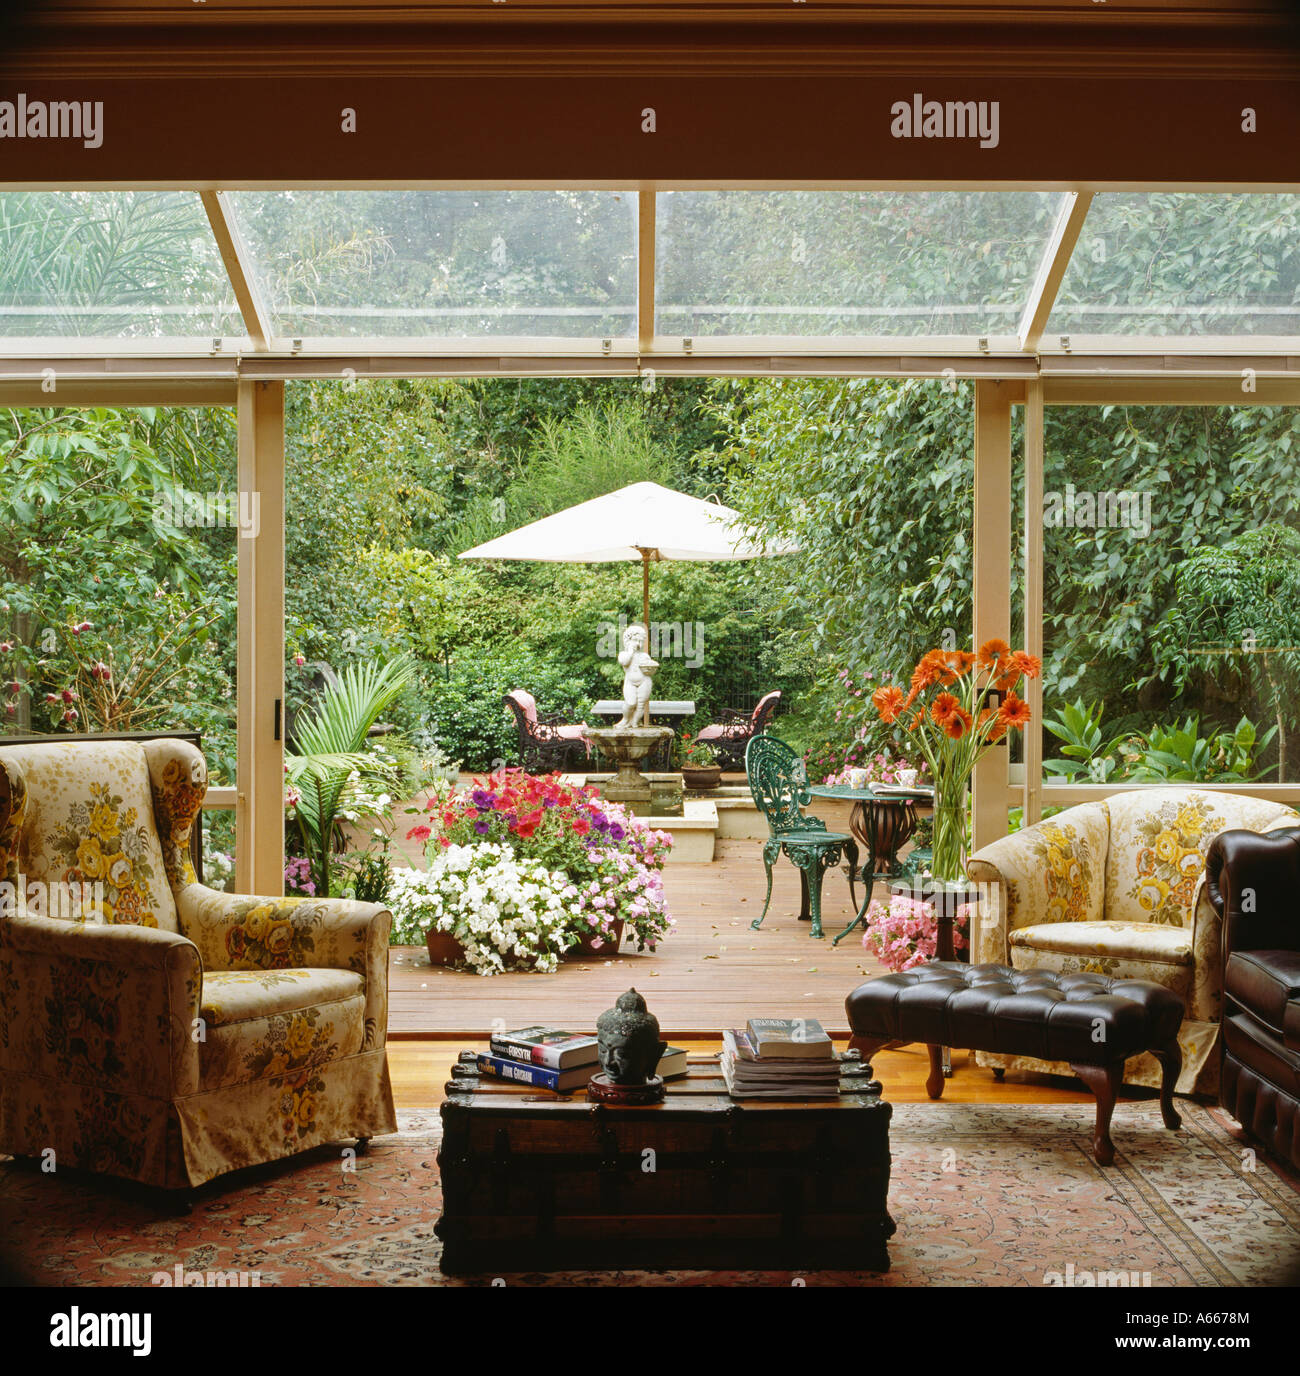 sessel im glas wintergarten wohnzimmer erweiterung mit glas schiebet ren terrasse zum belag. Black Bedroom Furniture Sets. Home Design Ideas